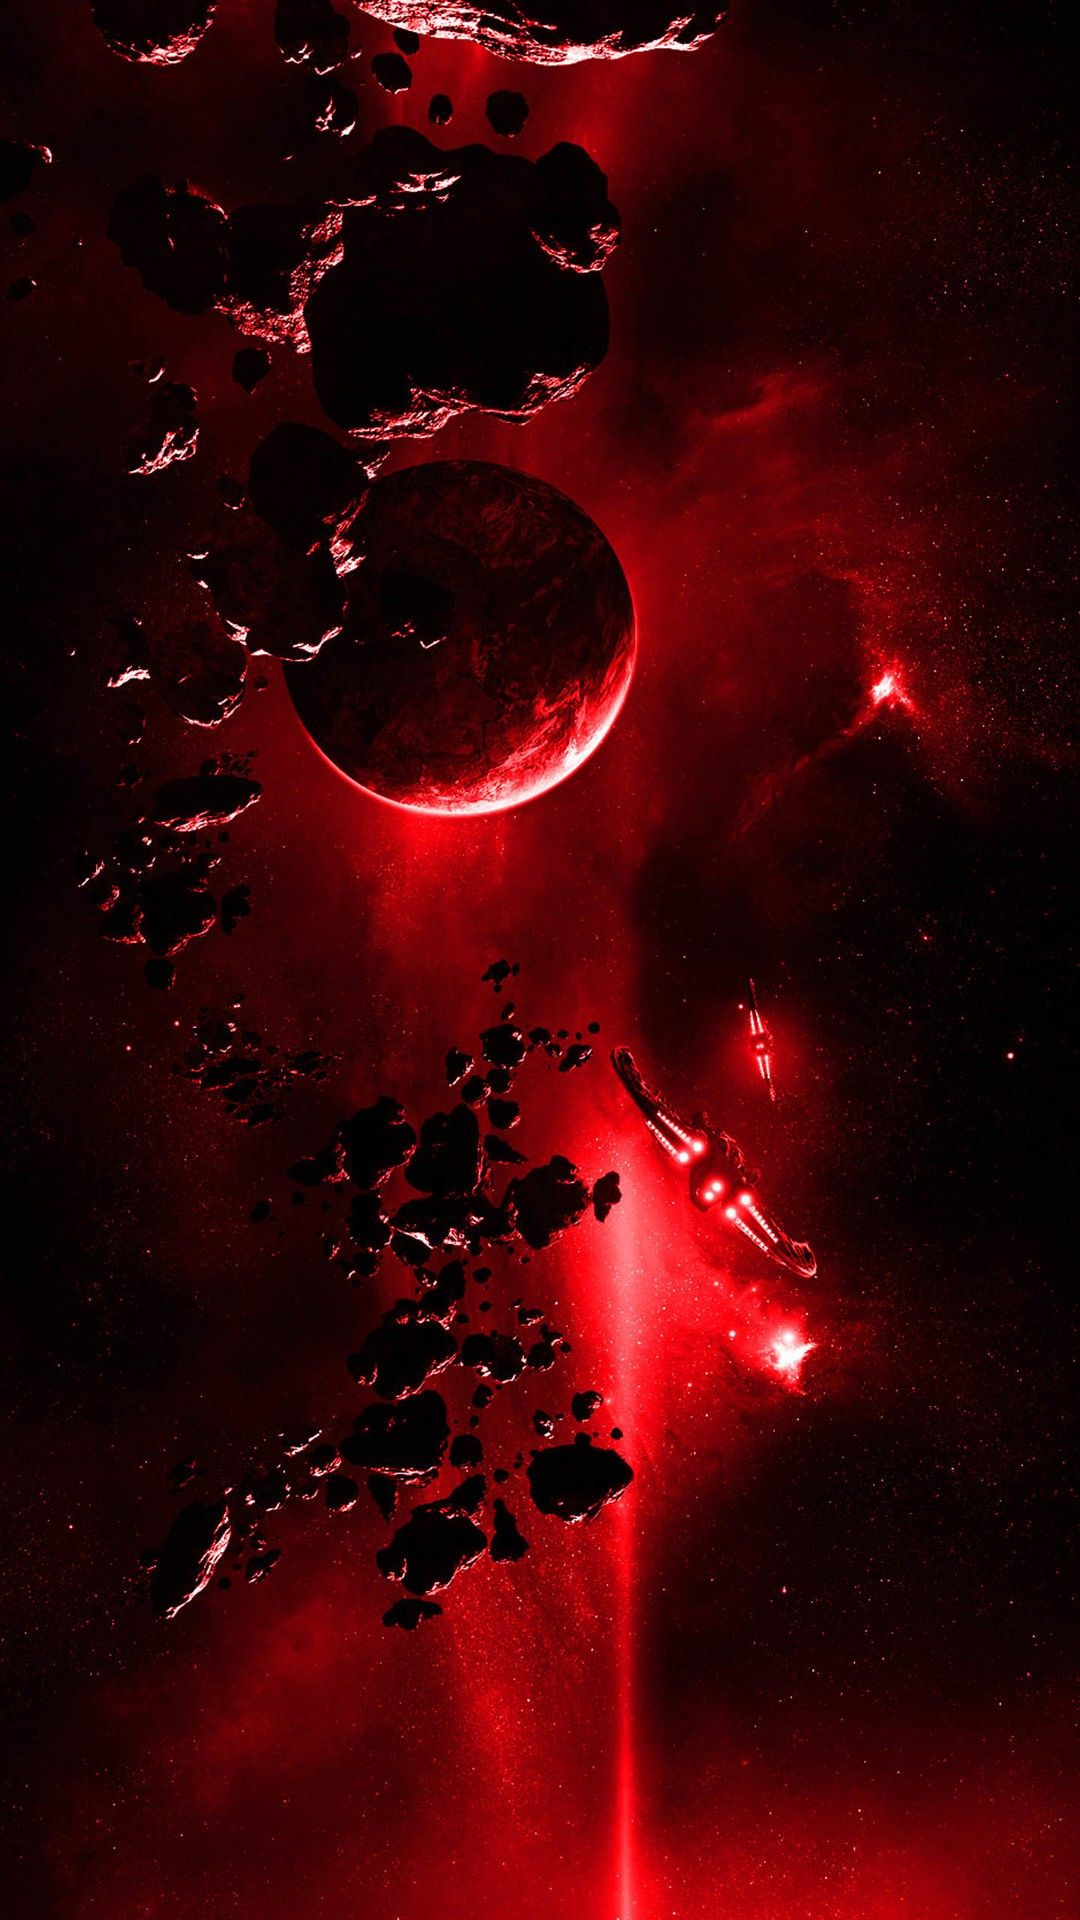 Red Light From Space 暗い壁紙 壁紙 赤 美的壁紙